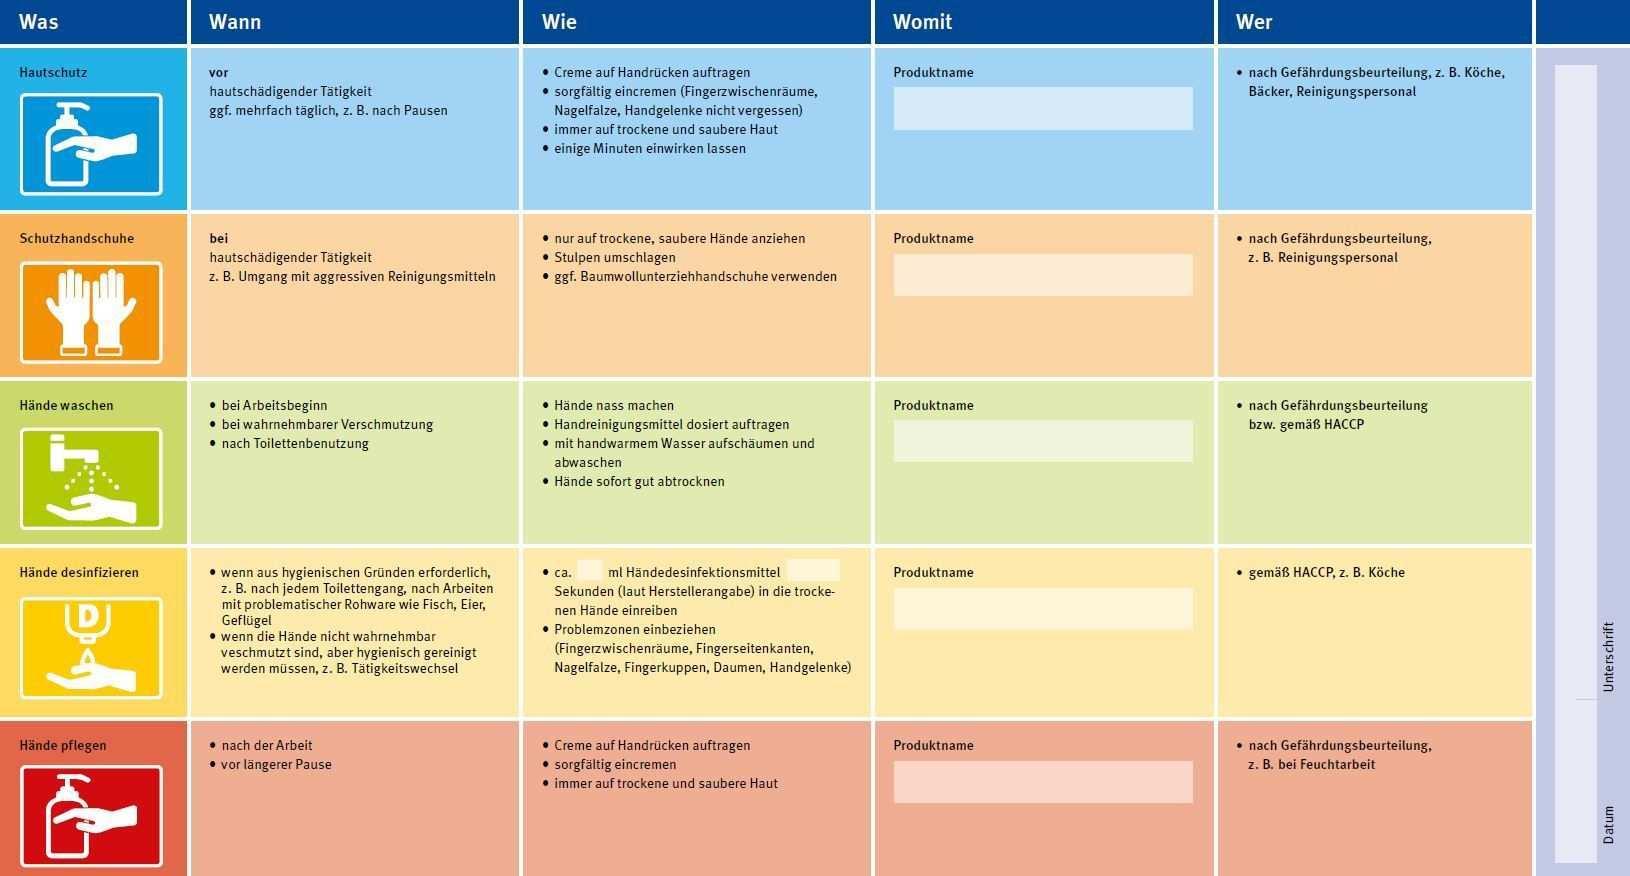 Abb 3 Muster Hautschutz Und Hygieneplan Fur Kuchen Unterweisung Arbeiten Von Zuhause Fortbildung